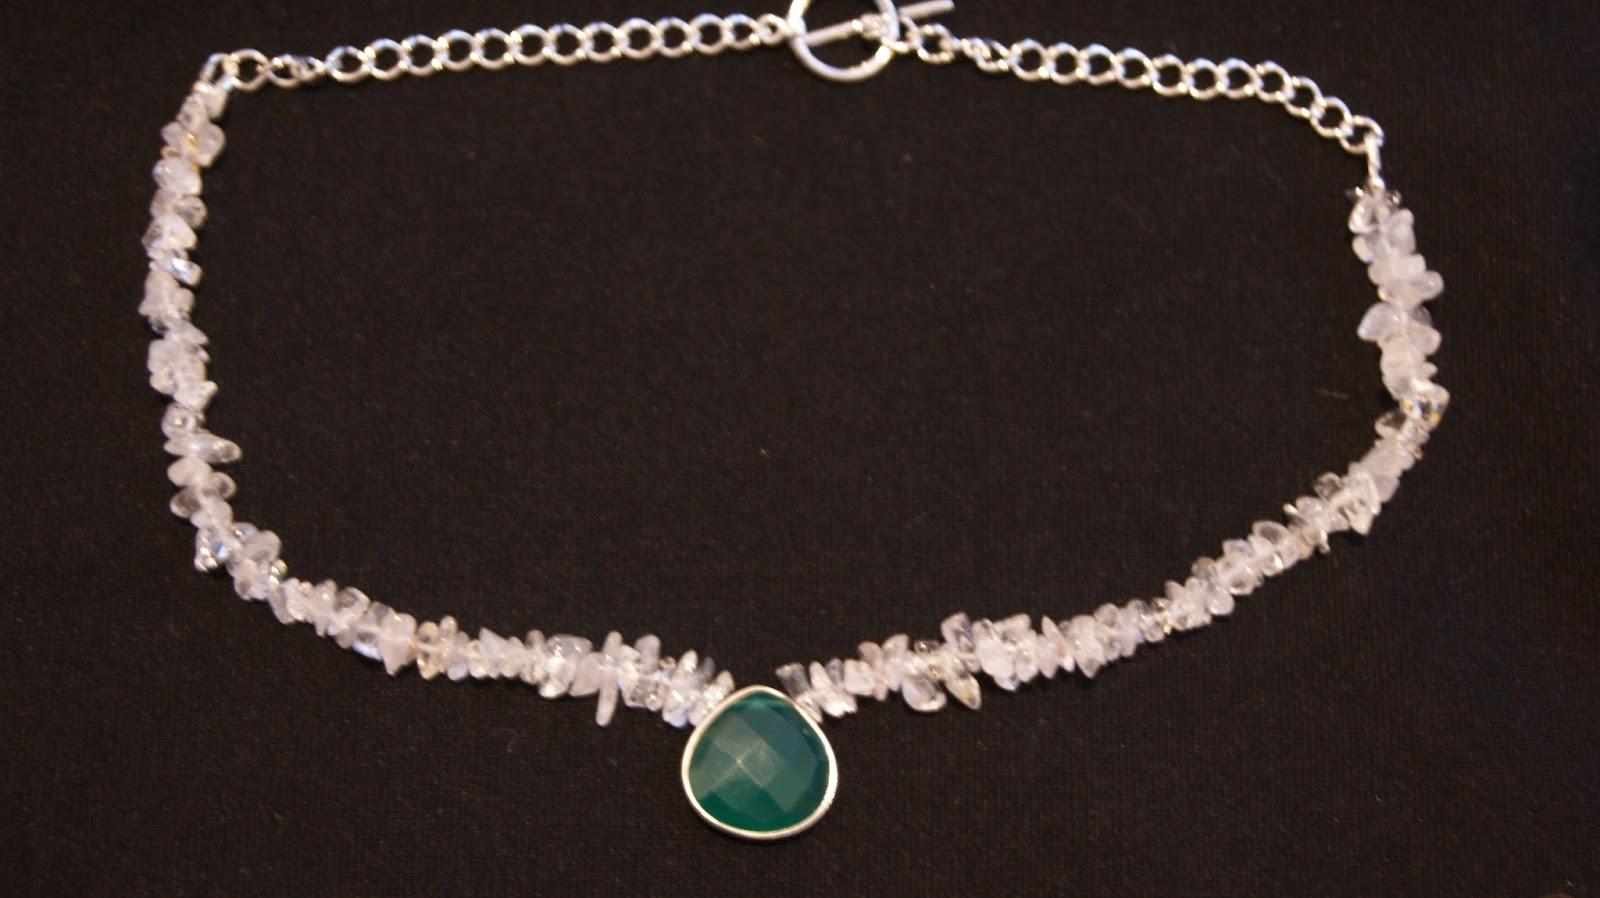 Edolym Etsy Clear Quartz Necklace